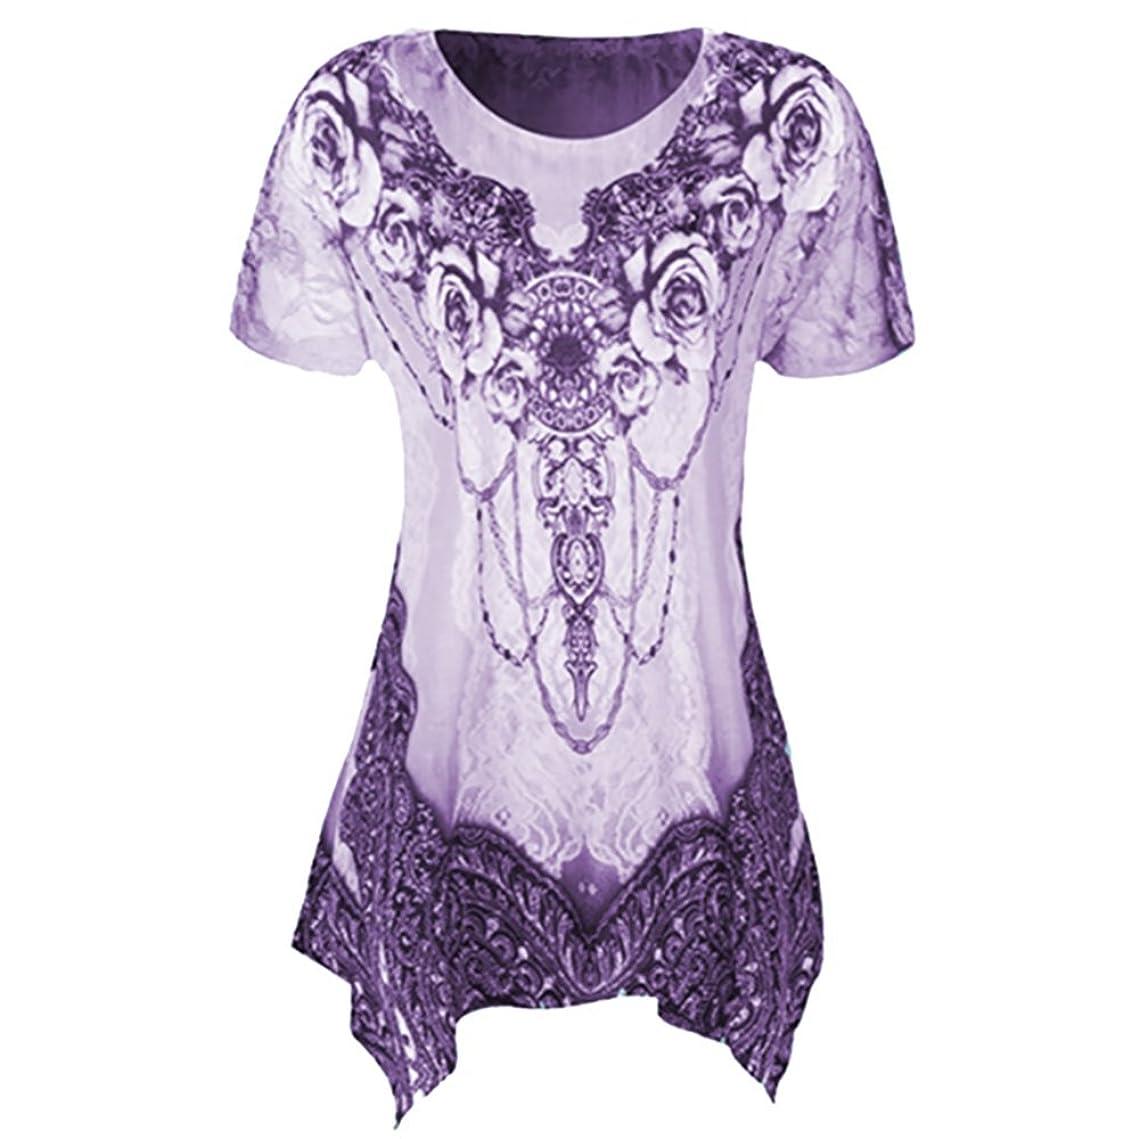 同志なめる彼Hosam レディース 洋服 Tシャツ プリント ゆったり 大きなサイズ 不規則 おもしろ 快適 夏 ダンス ヨガ 普段着 ファッション 大人 おしゃれ 体型カバ― お呼ばれ 通勤 日常 快適 大きなサイズ シンプルなデザイン 20代30代40代でも (XL, パープル)